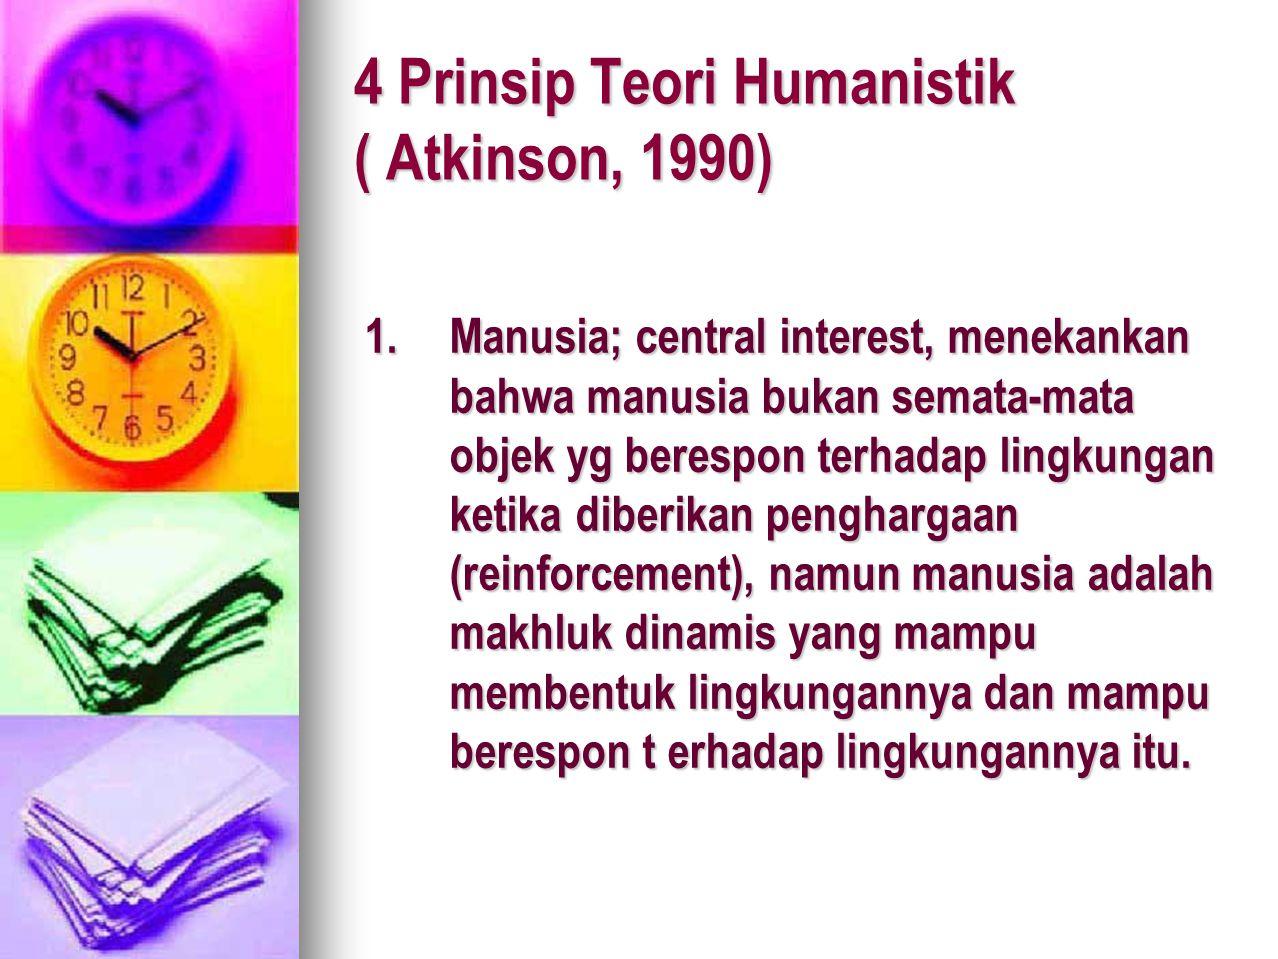 4 Prinsip Teori Humanistik ( Atkinson, 1990) 1.Manusia; central interest, menekankan bahwa manusia bukan semata-mata objek yg berespon terhadap lingku